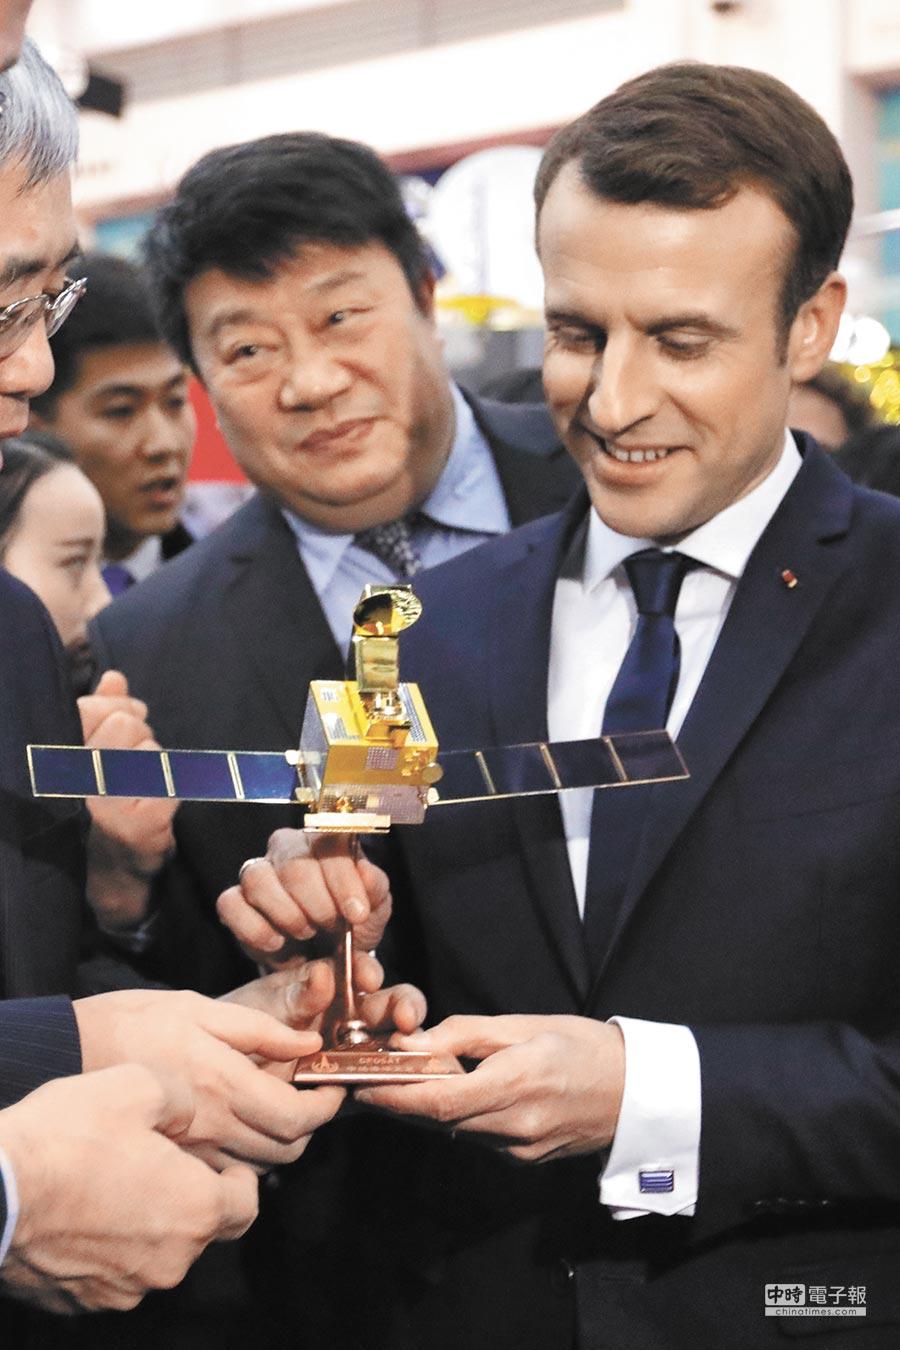 法國總統馬克宏訪陸行,成果豐碩。除與大陸國家主席習近平共同簽署《中法聯合聲明》,雙方還就朝核、氣候變遷等27項議題達成共識。(美聯社)